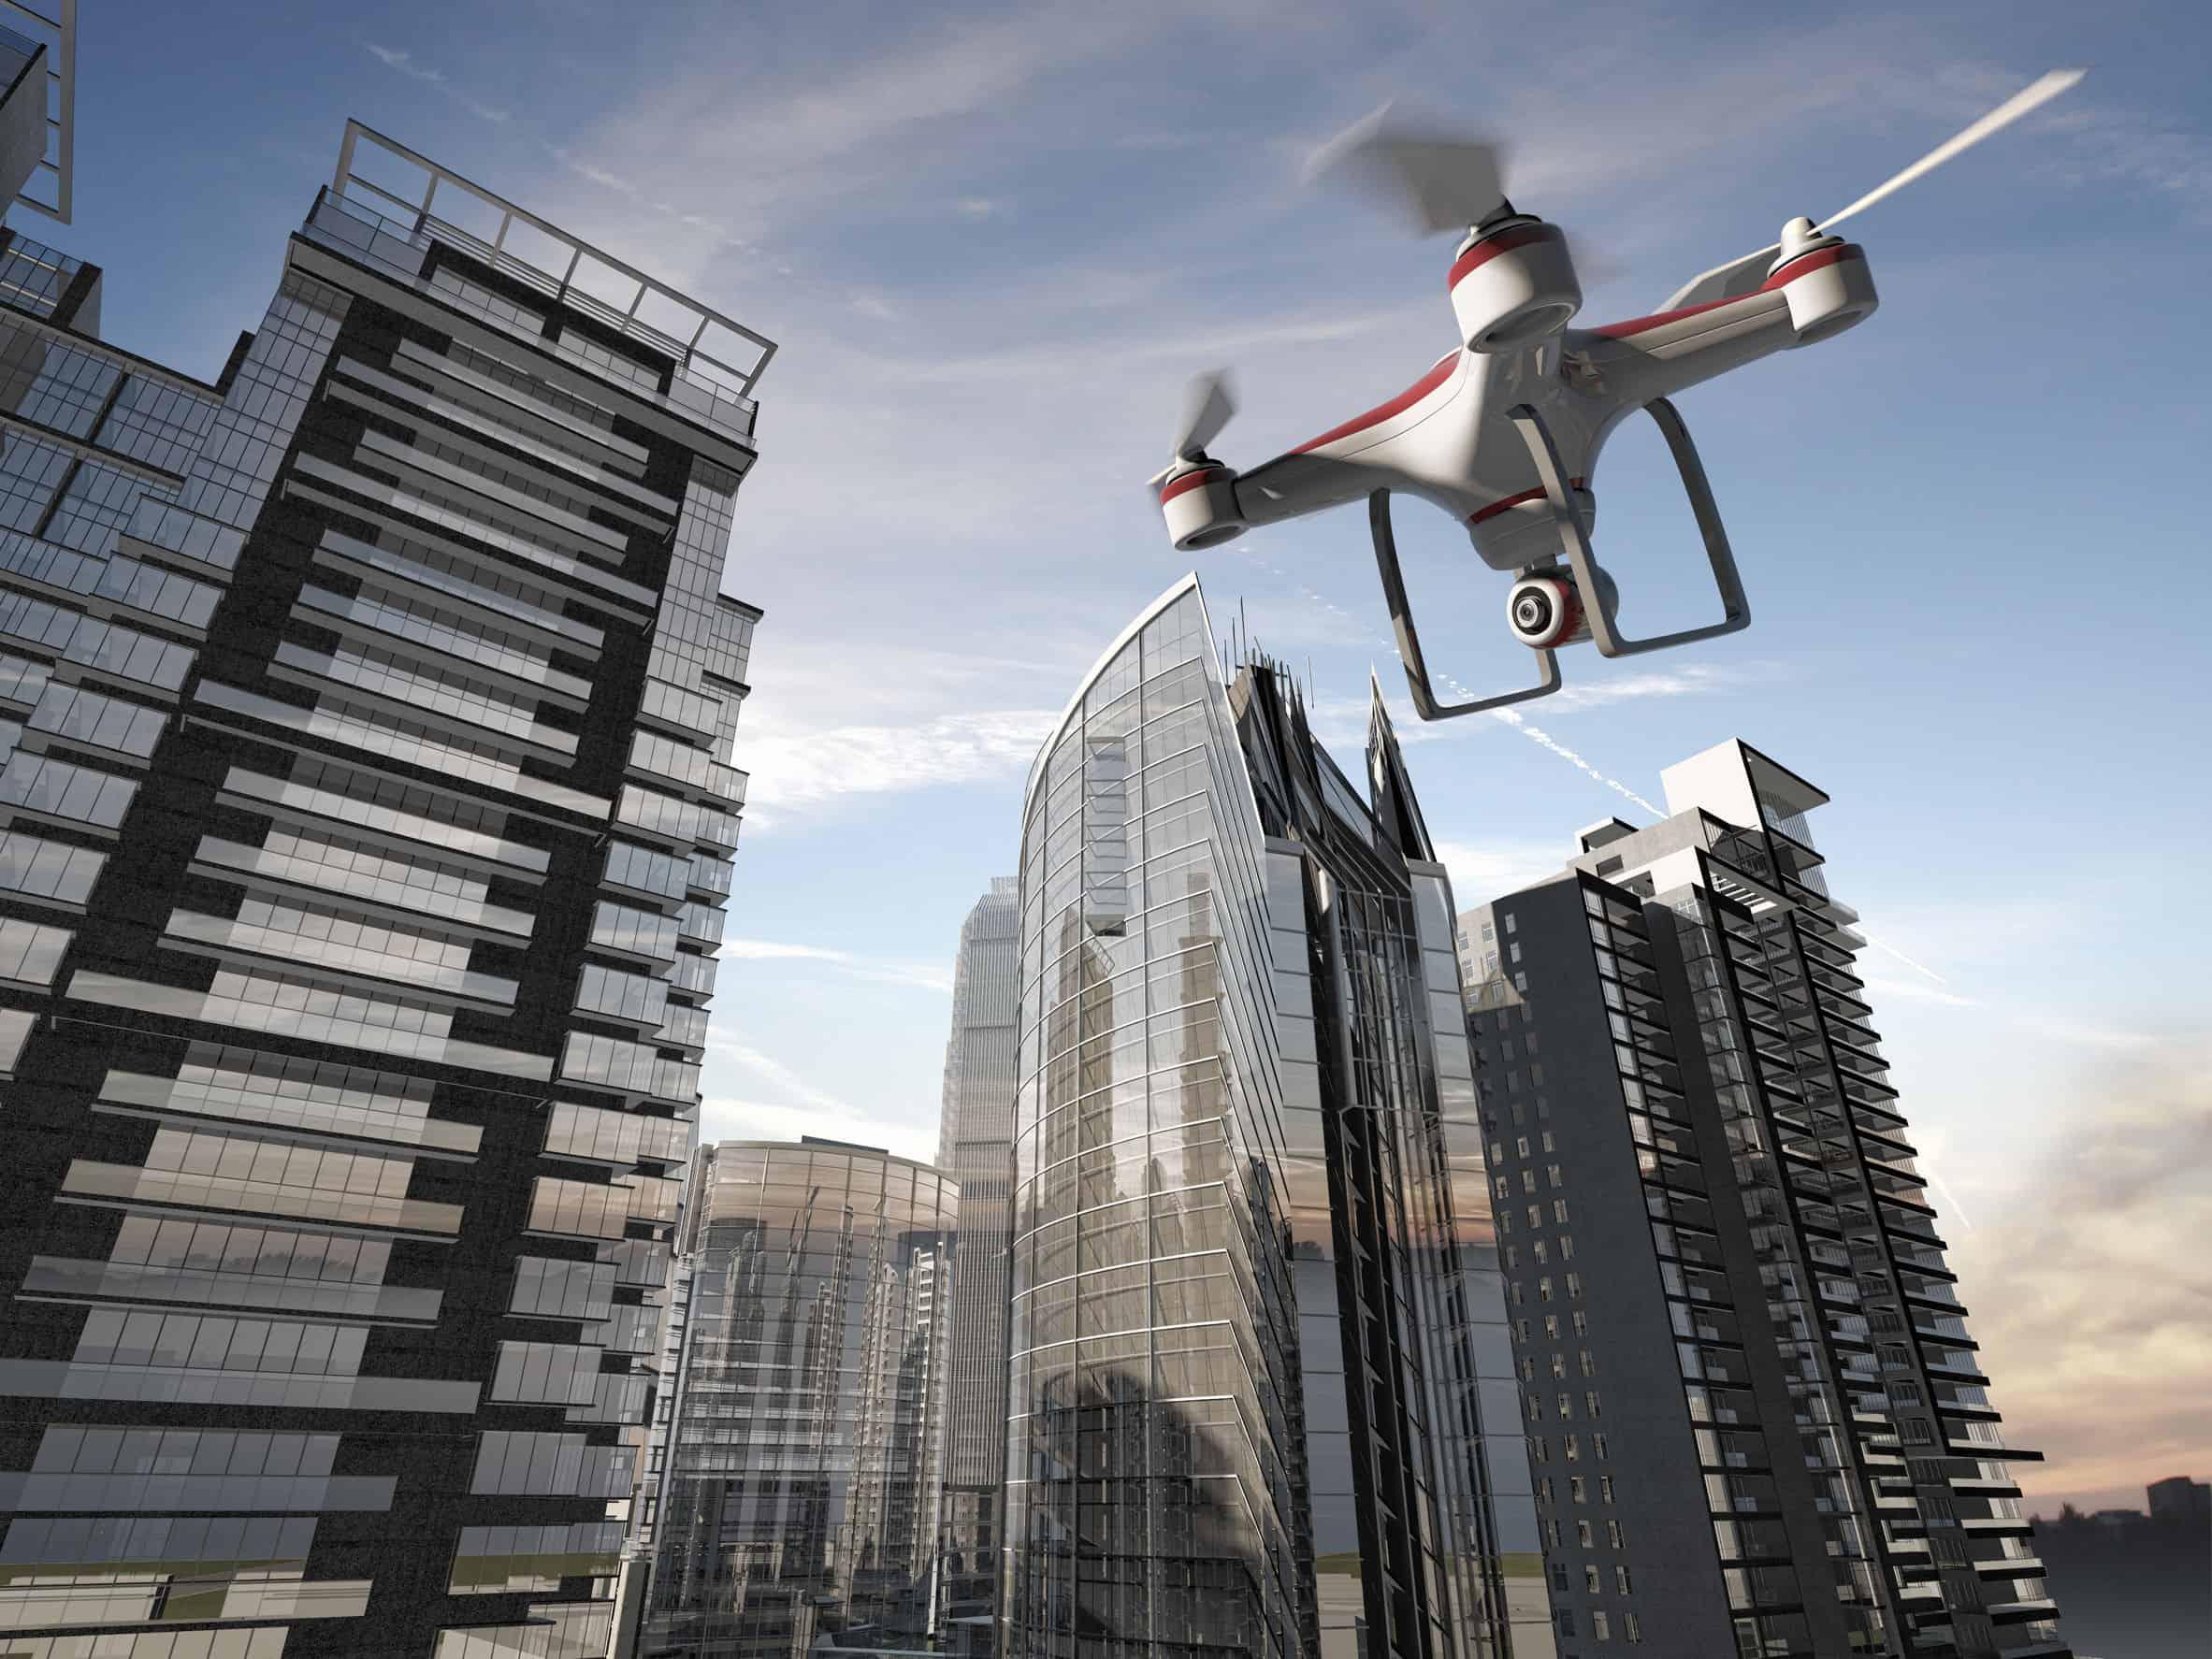 من الإمارات: قانون للطائرات بدون طيار